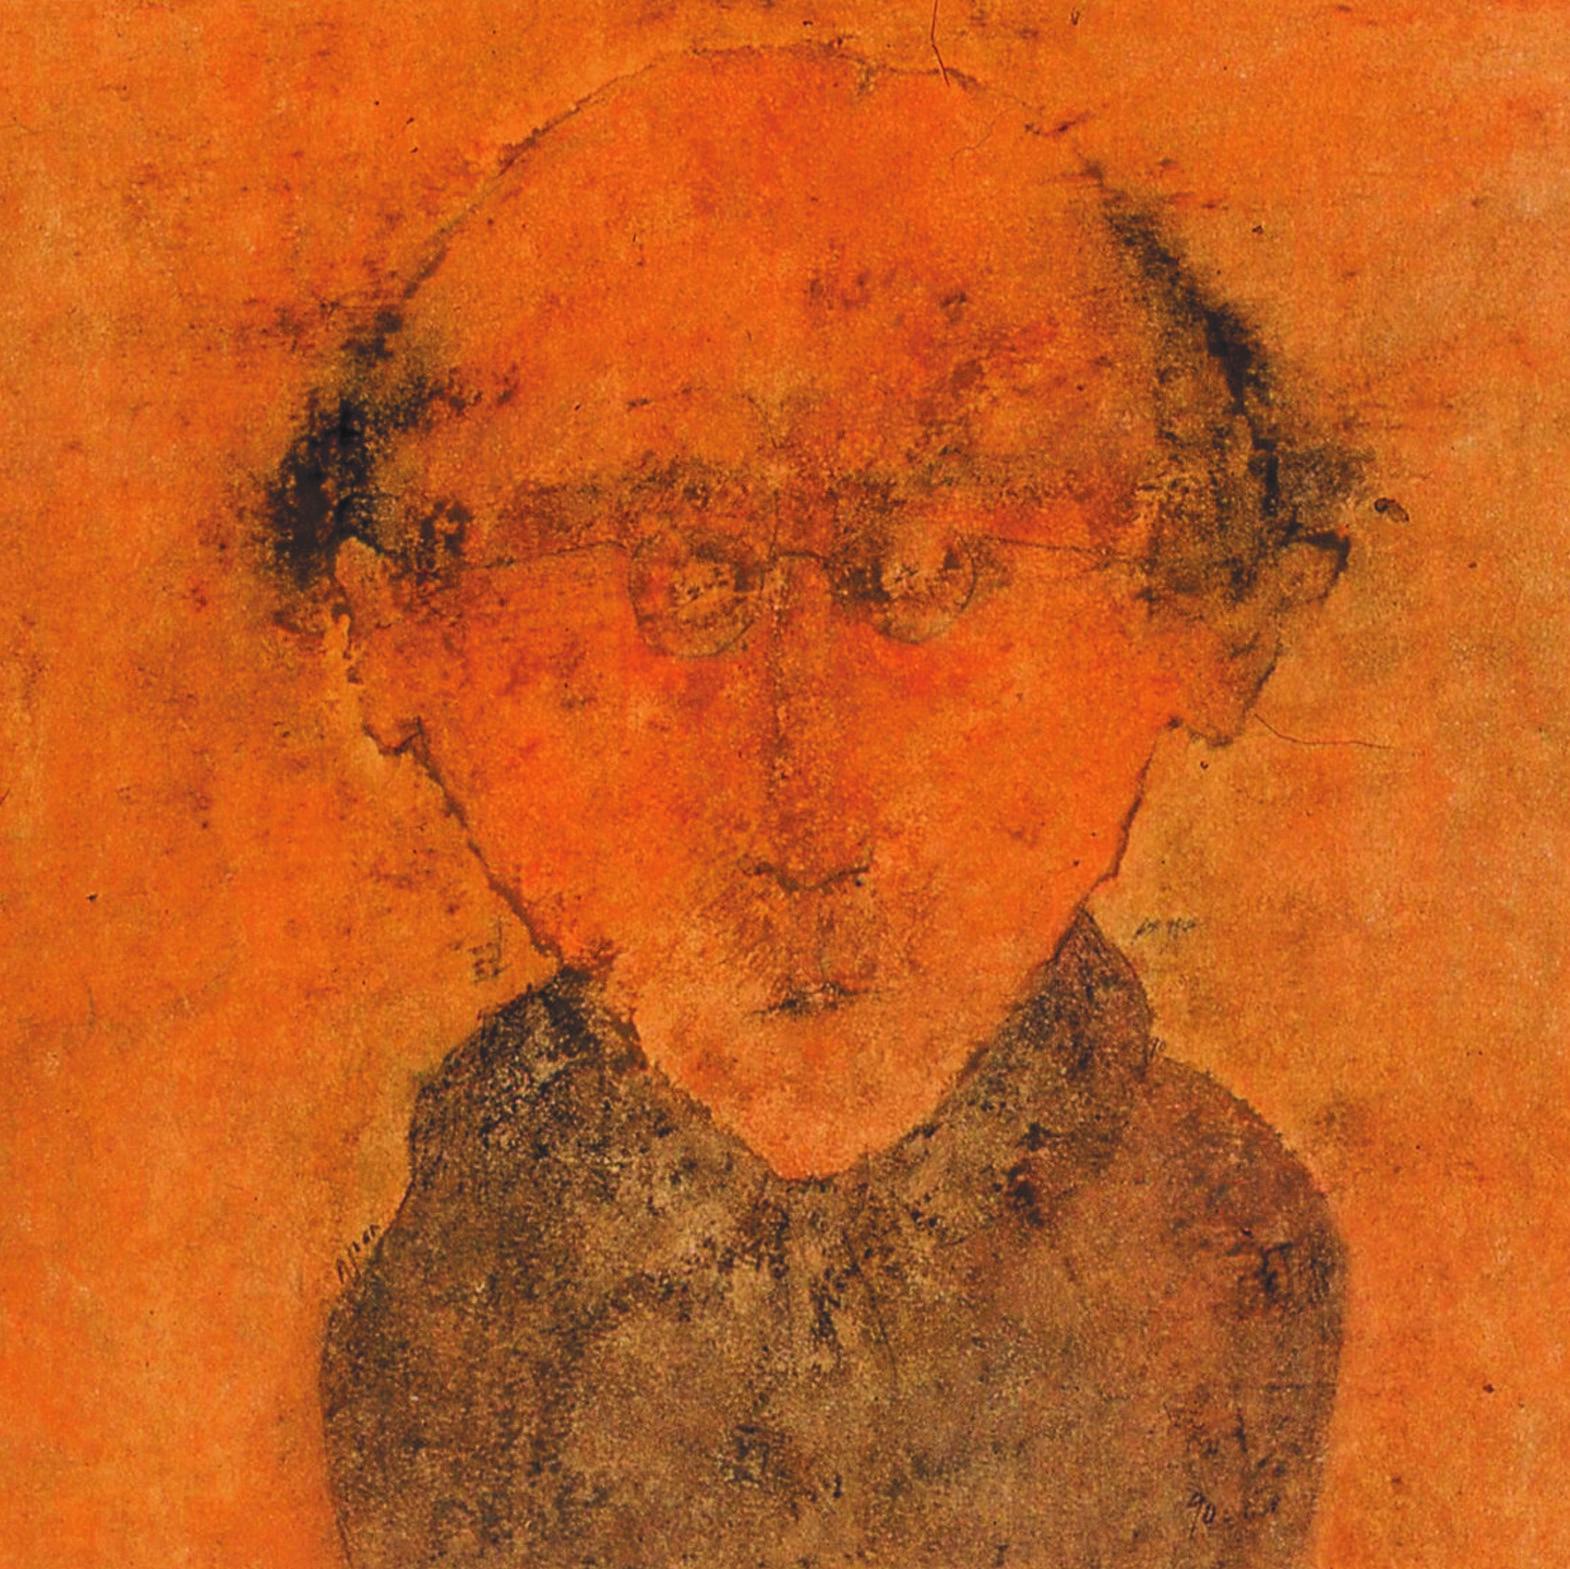 MAN di Nuoro | Pierre Puvis de Chavannes | Maliheh Afnan | Il segno e l'idea